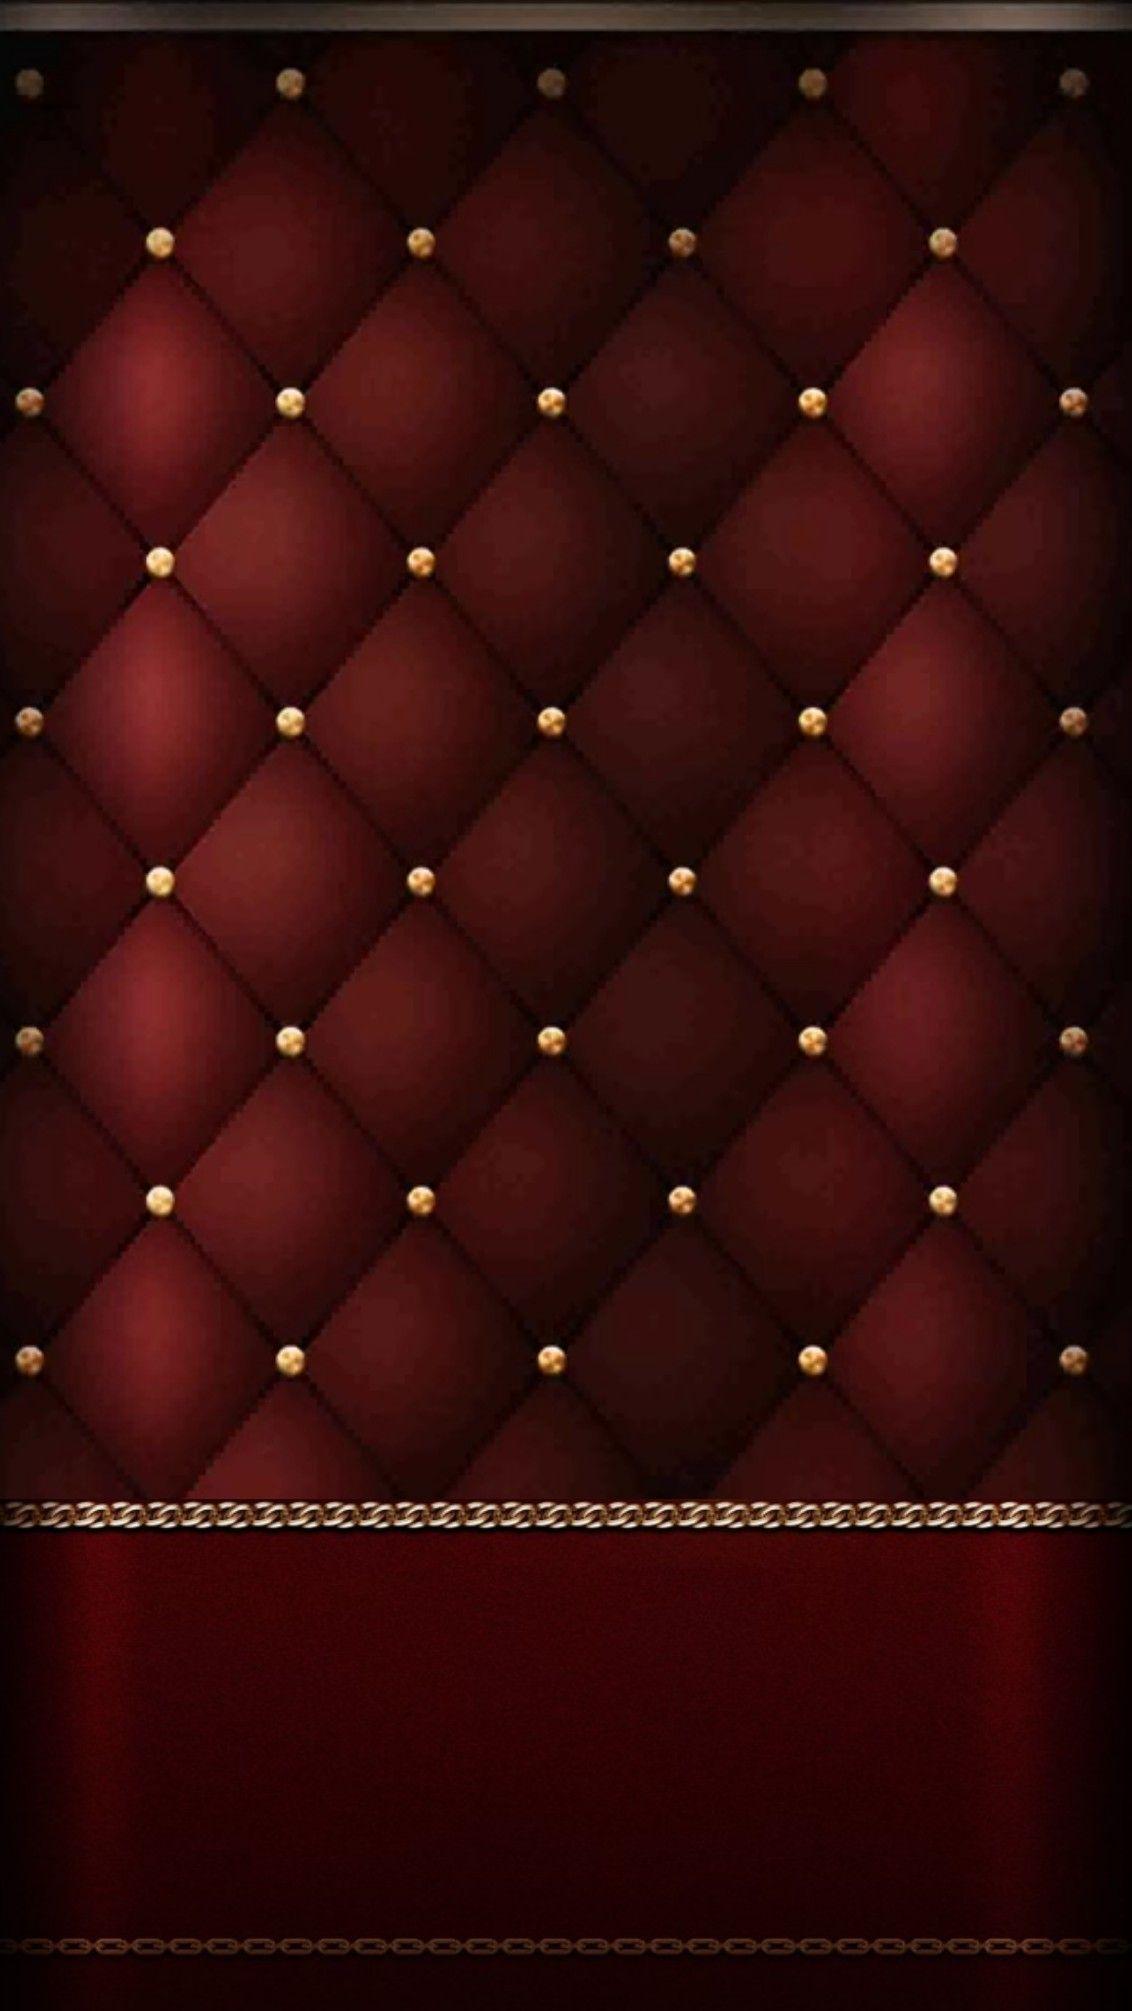 Pin By Rachel Dwyer On Luxury Phone Wallpaper Images Red And Gold Wallpaper Gold Wallpaper